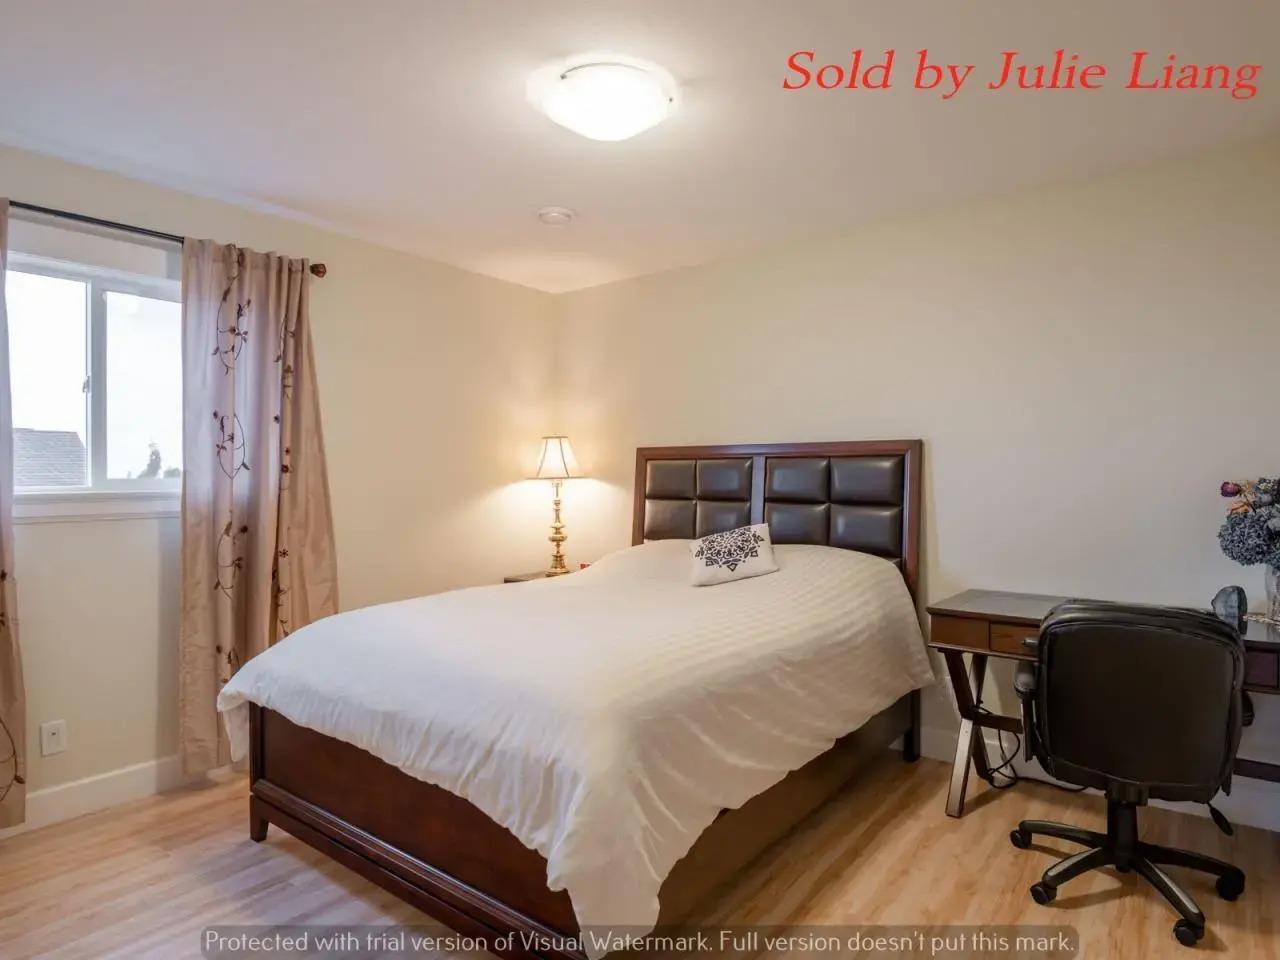 - Just Sold! 纳奈莫房产最新售出超级海景别墅